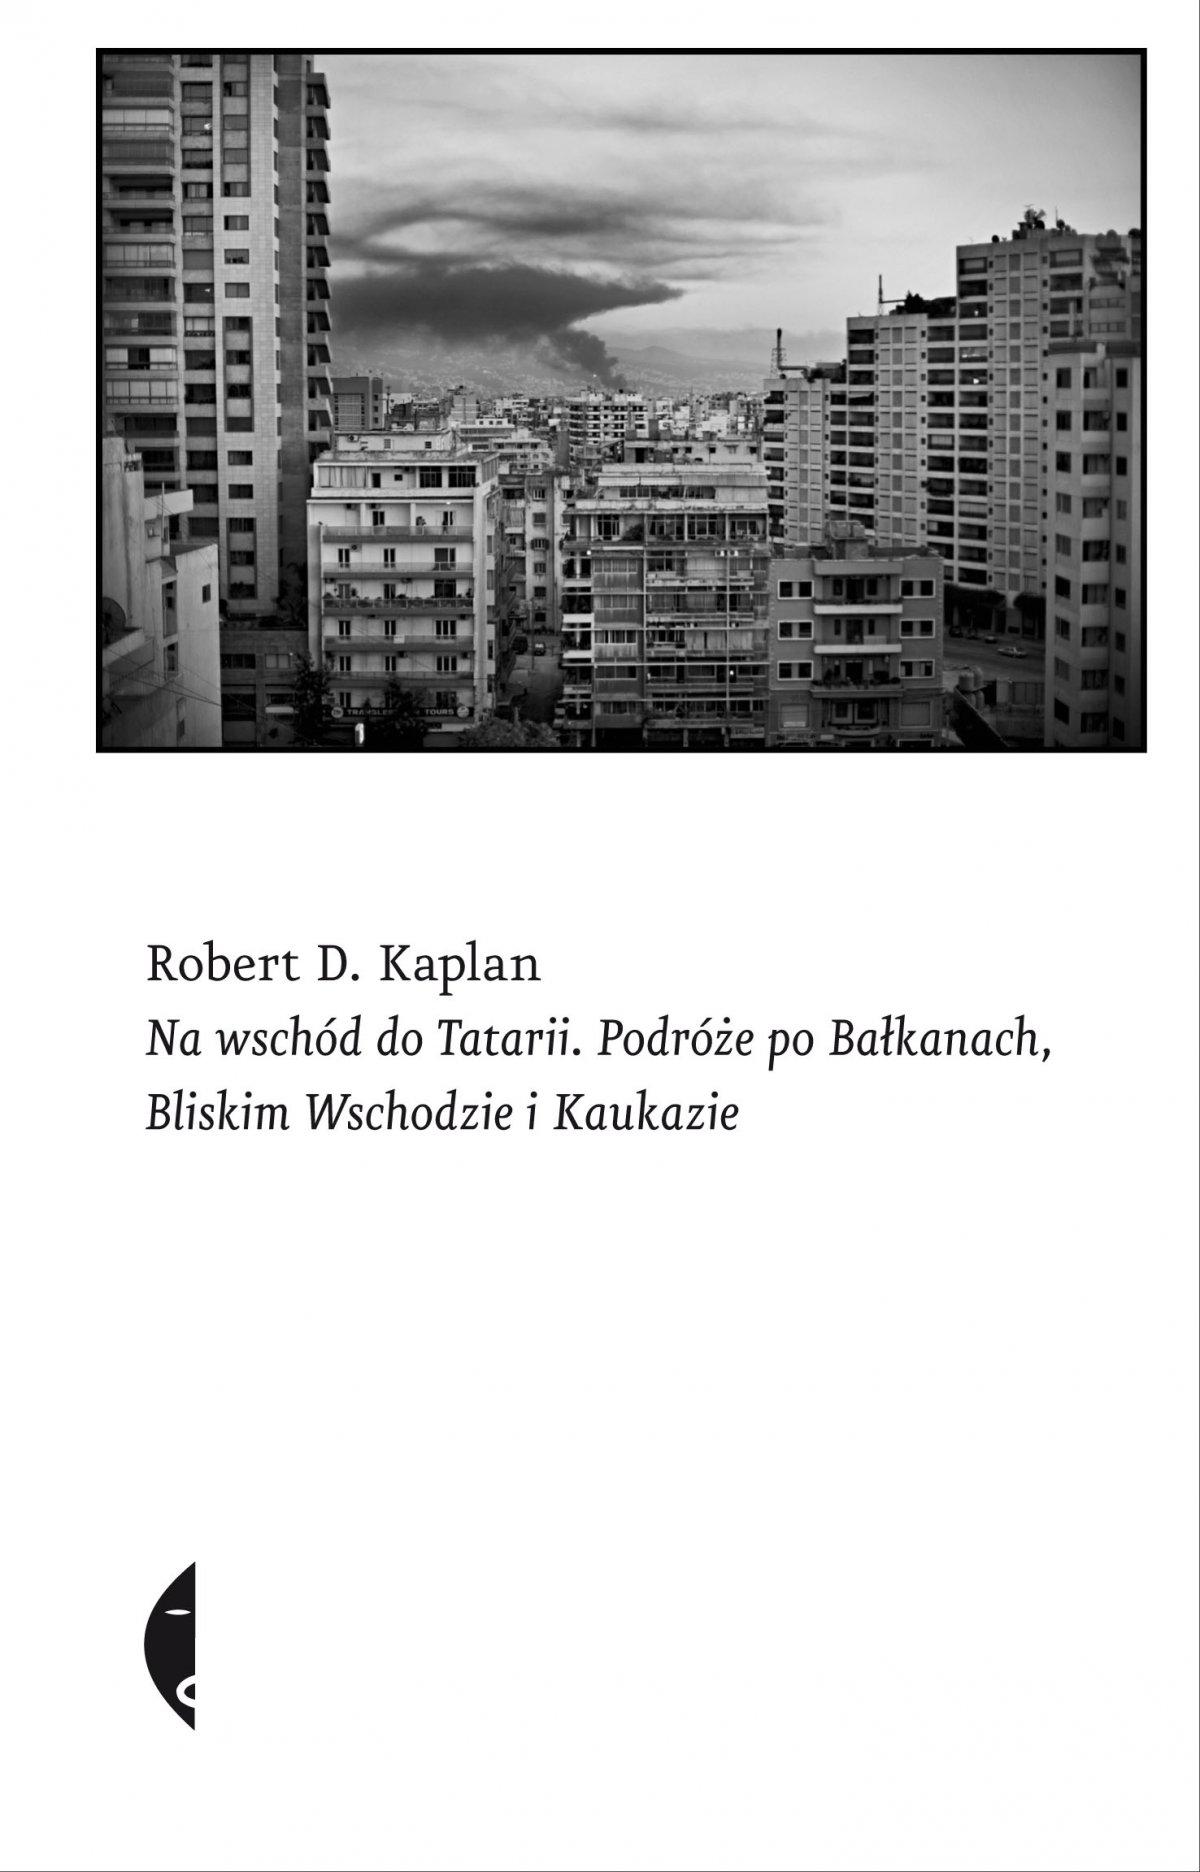 Na wschód do Tatarii - Ebook (Książka EPUB) do pobrania w formacie EPUB